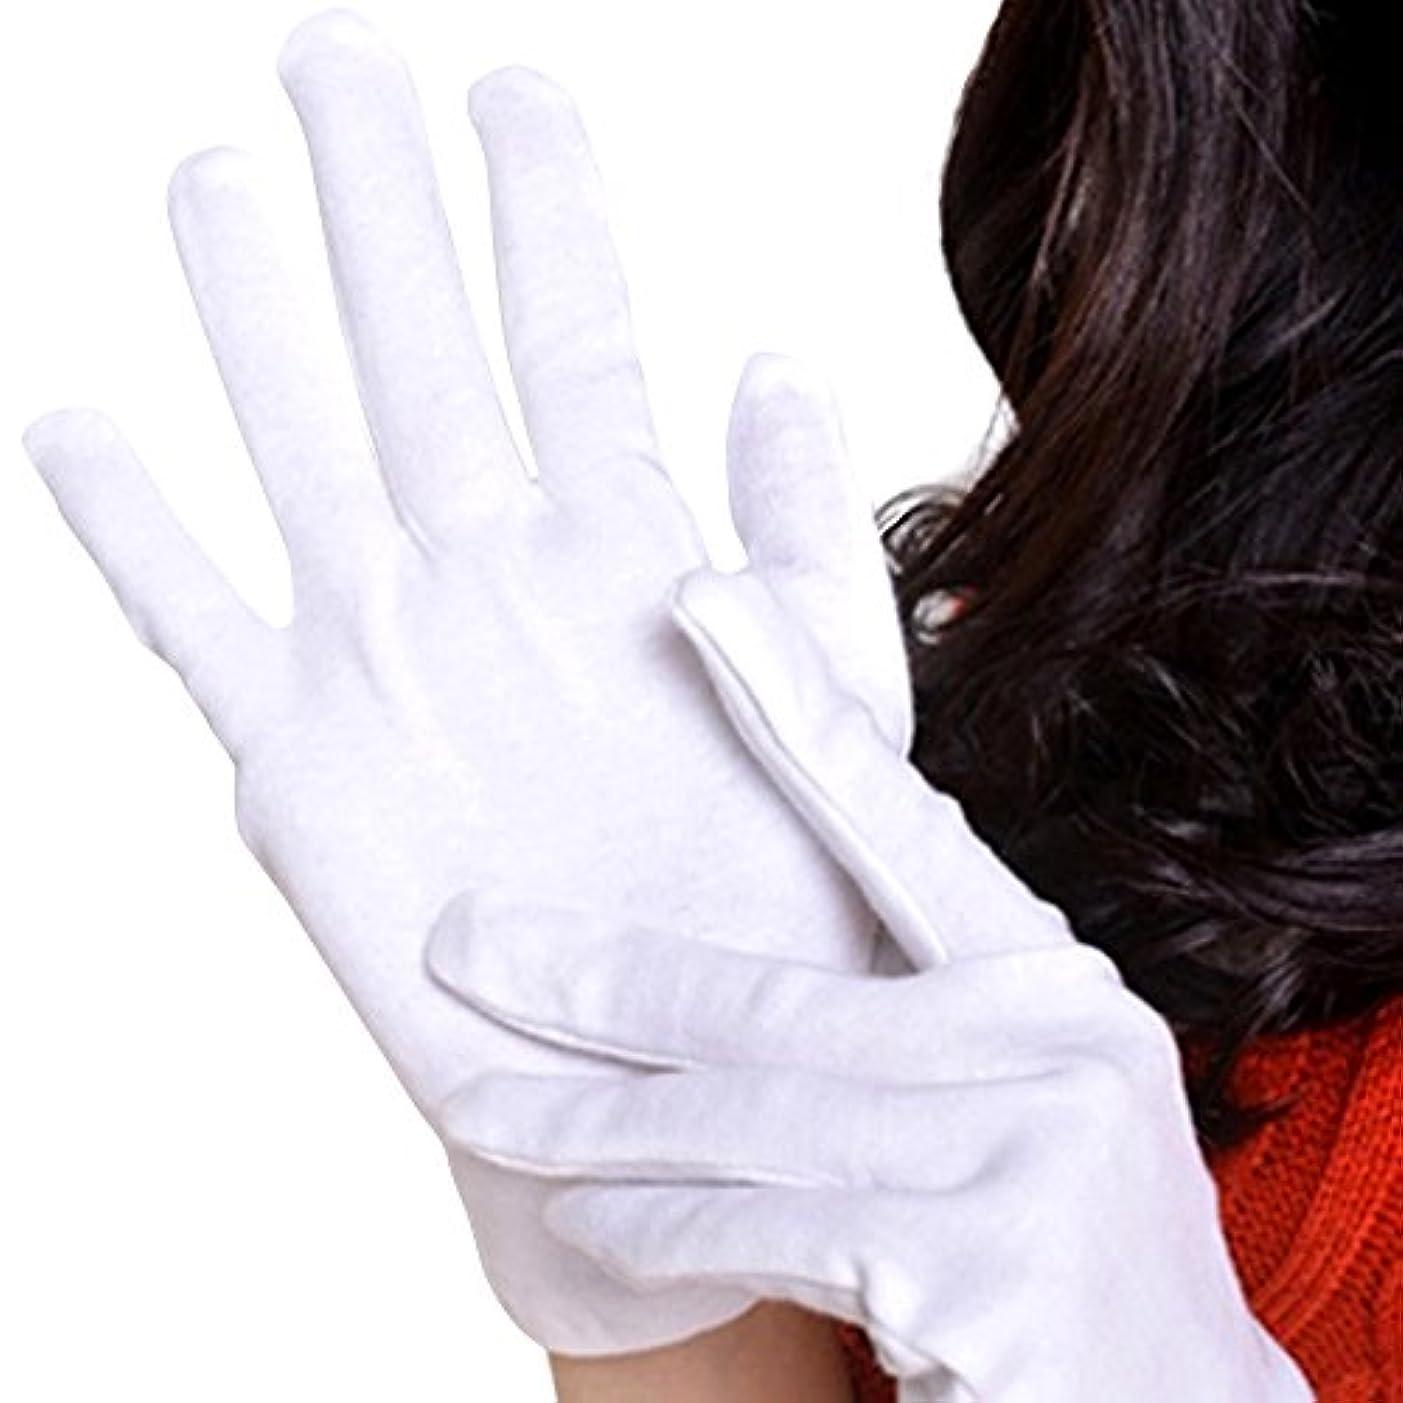 上へゴルフその後【Lucky Style】 おやすみ 手袋 綿 コットン 100% 12双組 L サイズ 白